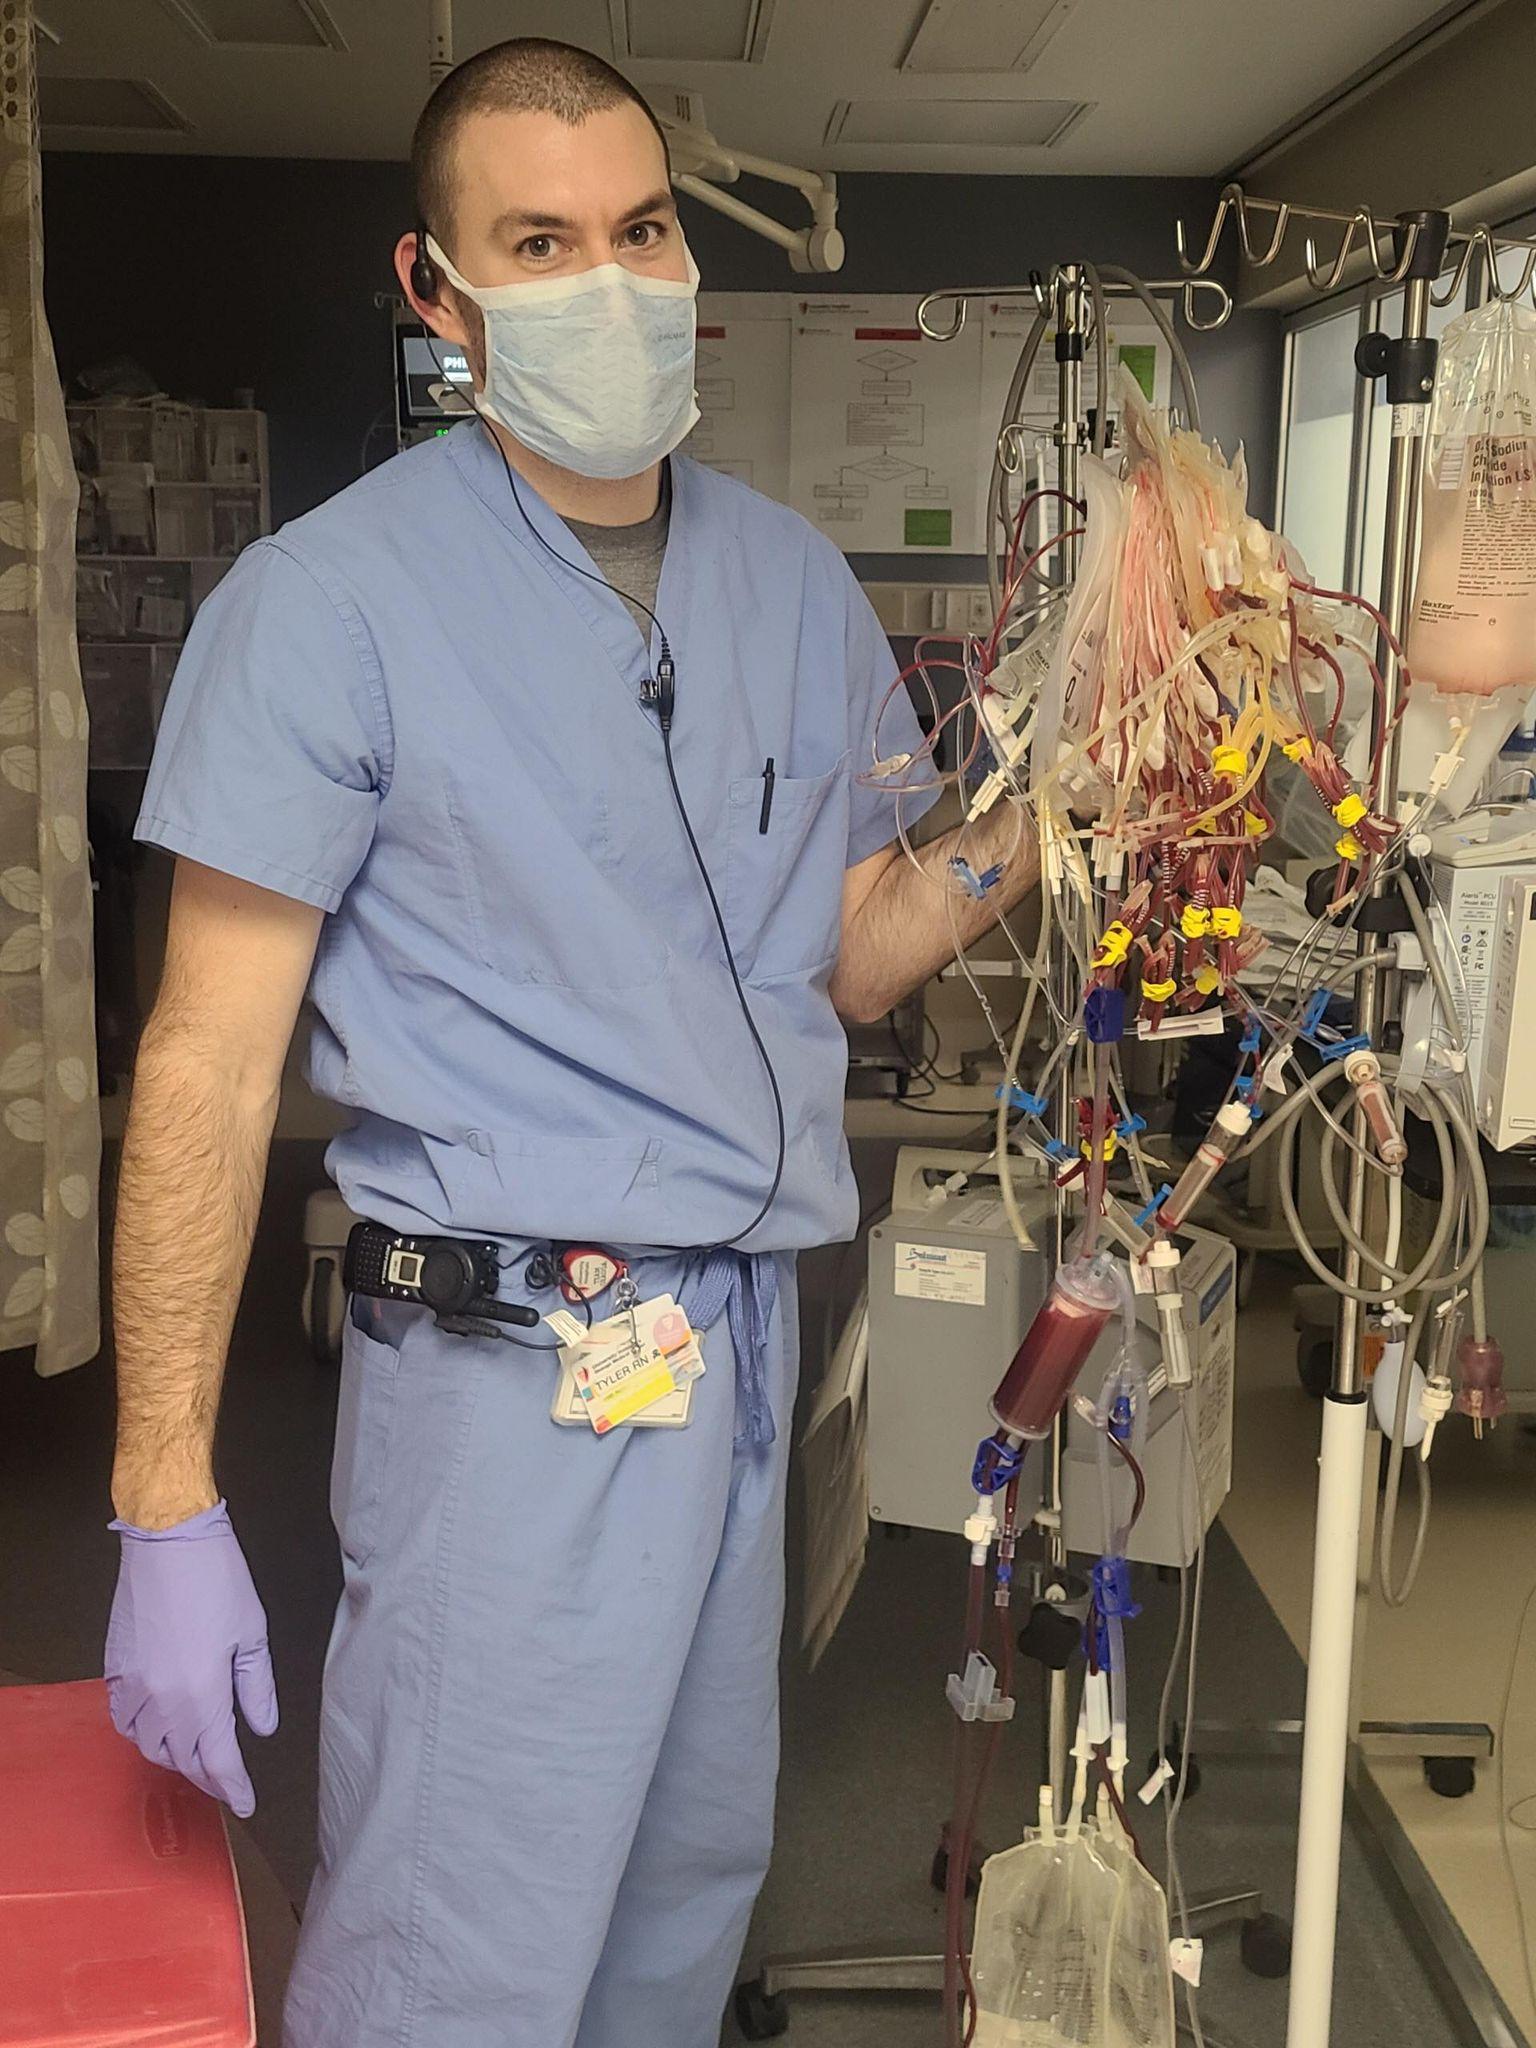 Tyler Hostetler working in the ER